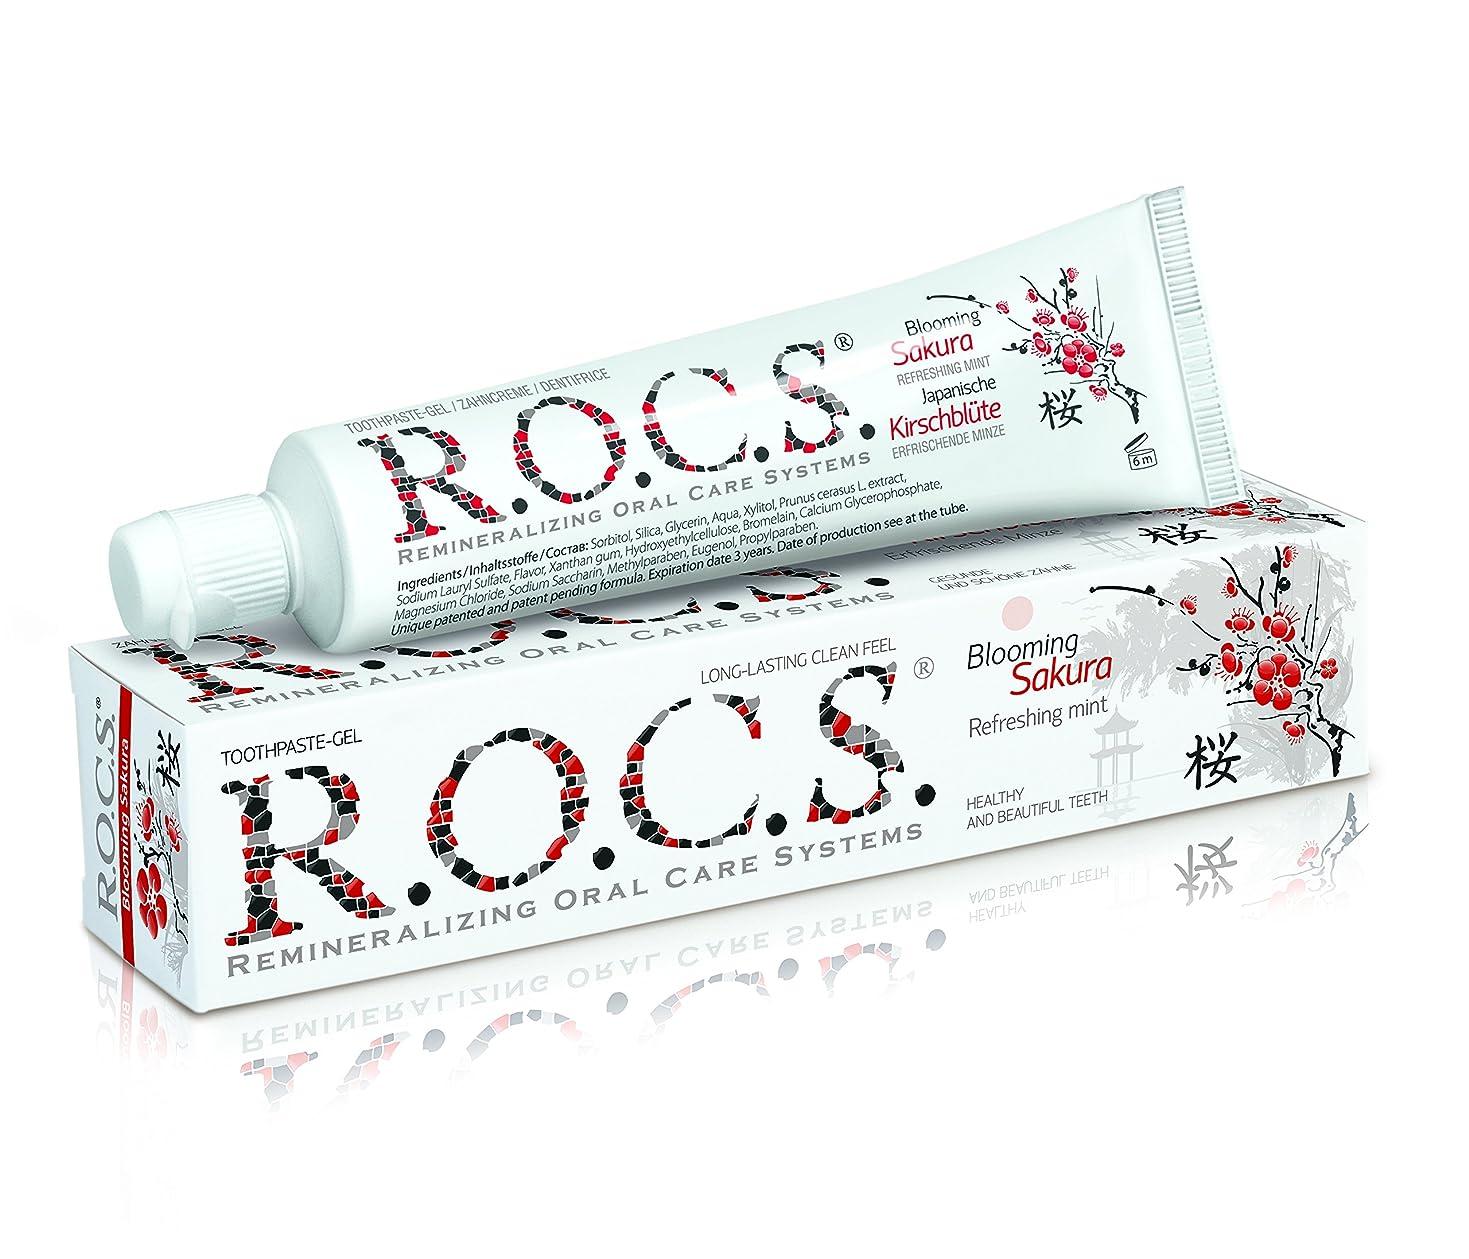 別れる行列犠牲R.O.C.S. ロックス歯磨き粉 ブルーミング サクラ